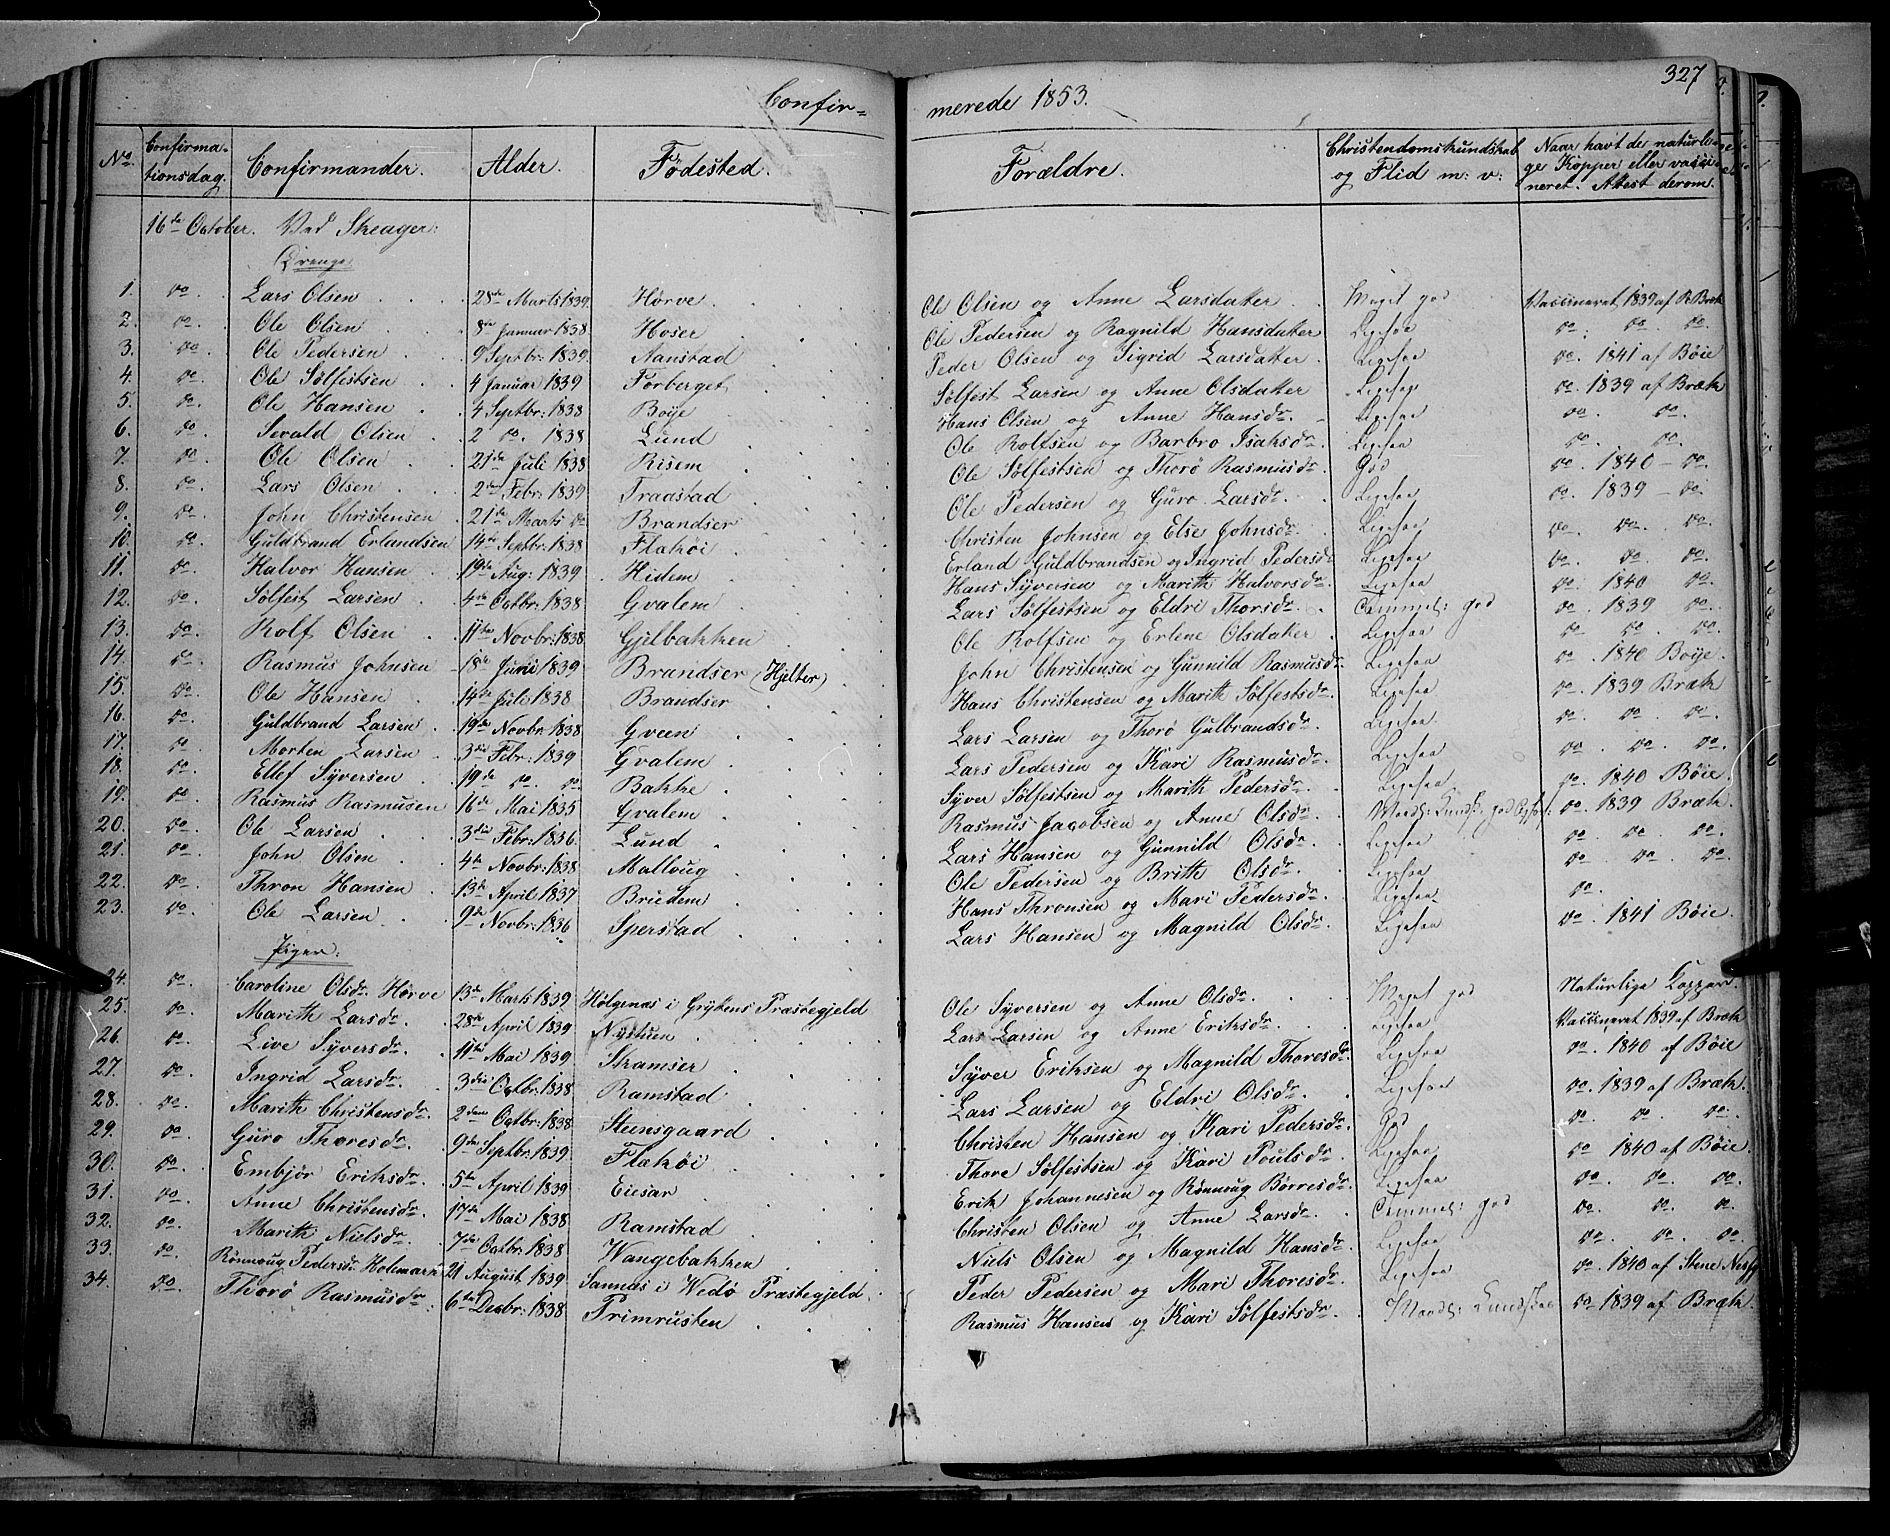 SAH, Lom prestekontor, K/L0006: Ministerialbok nr. 6A, 1837-1863, s. 327